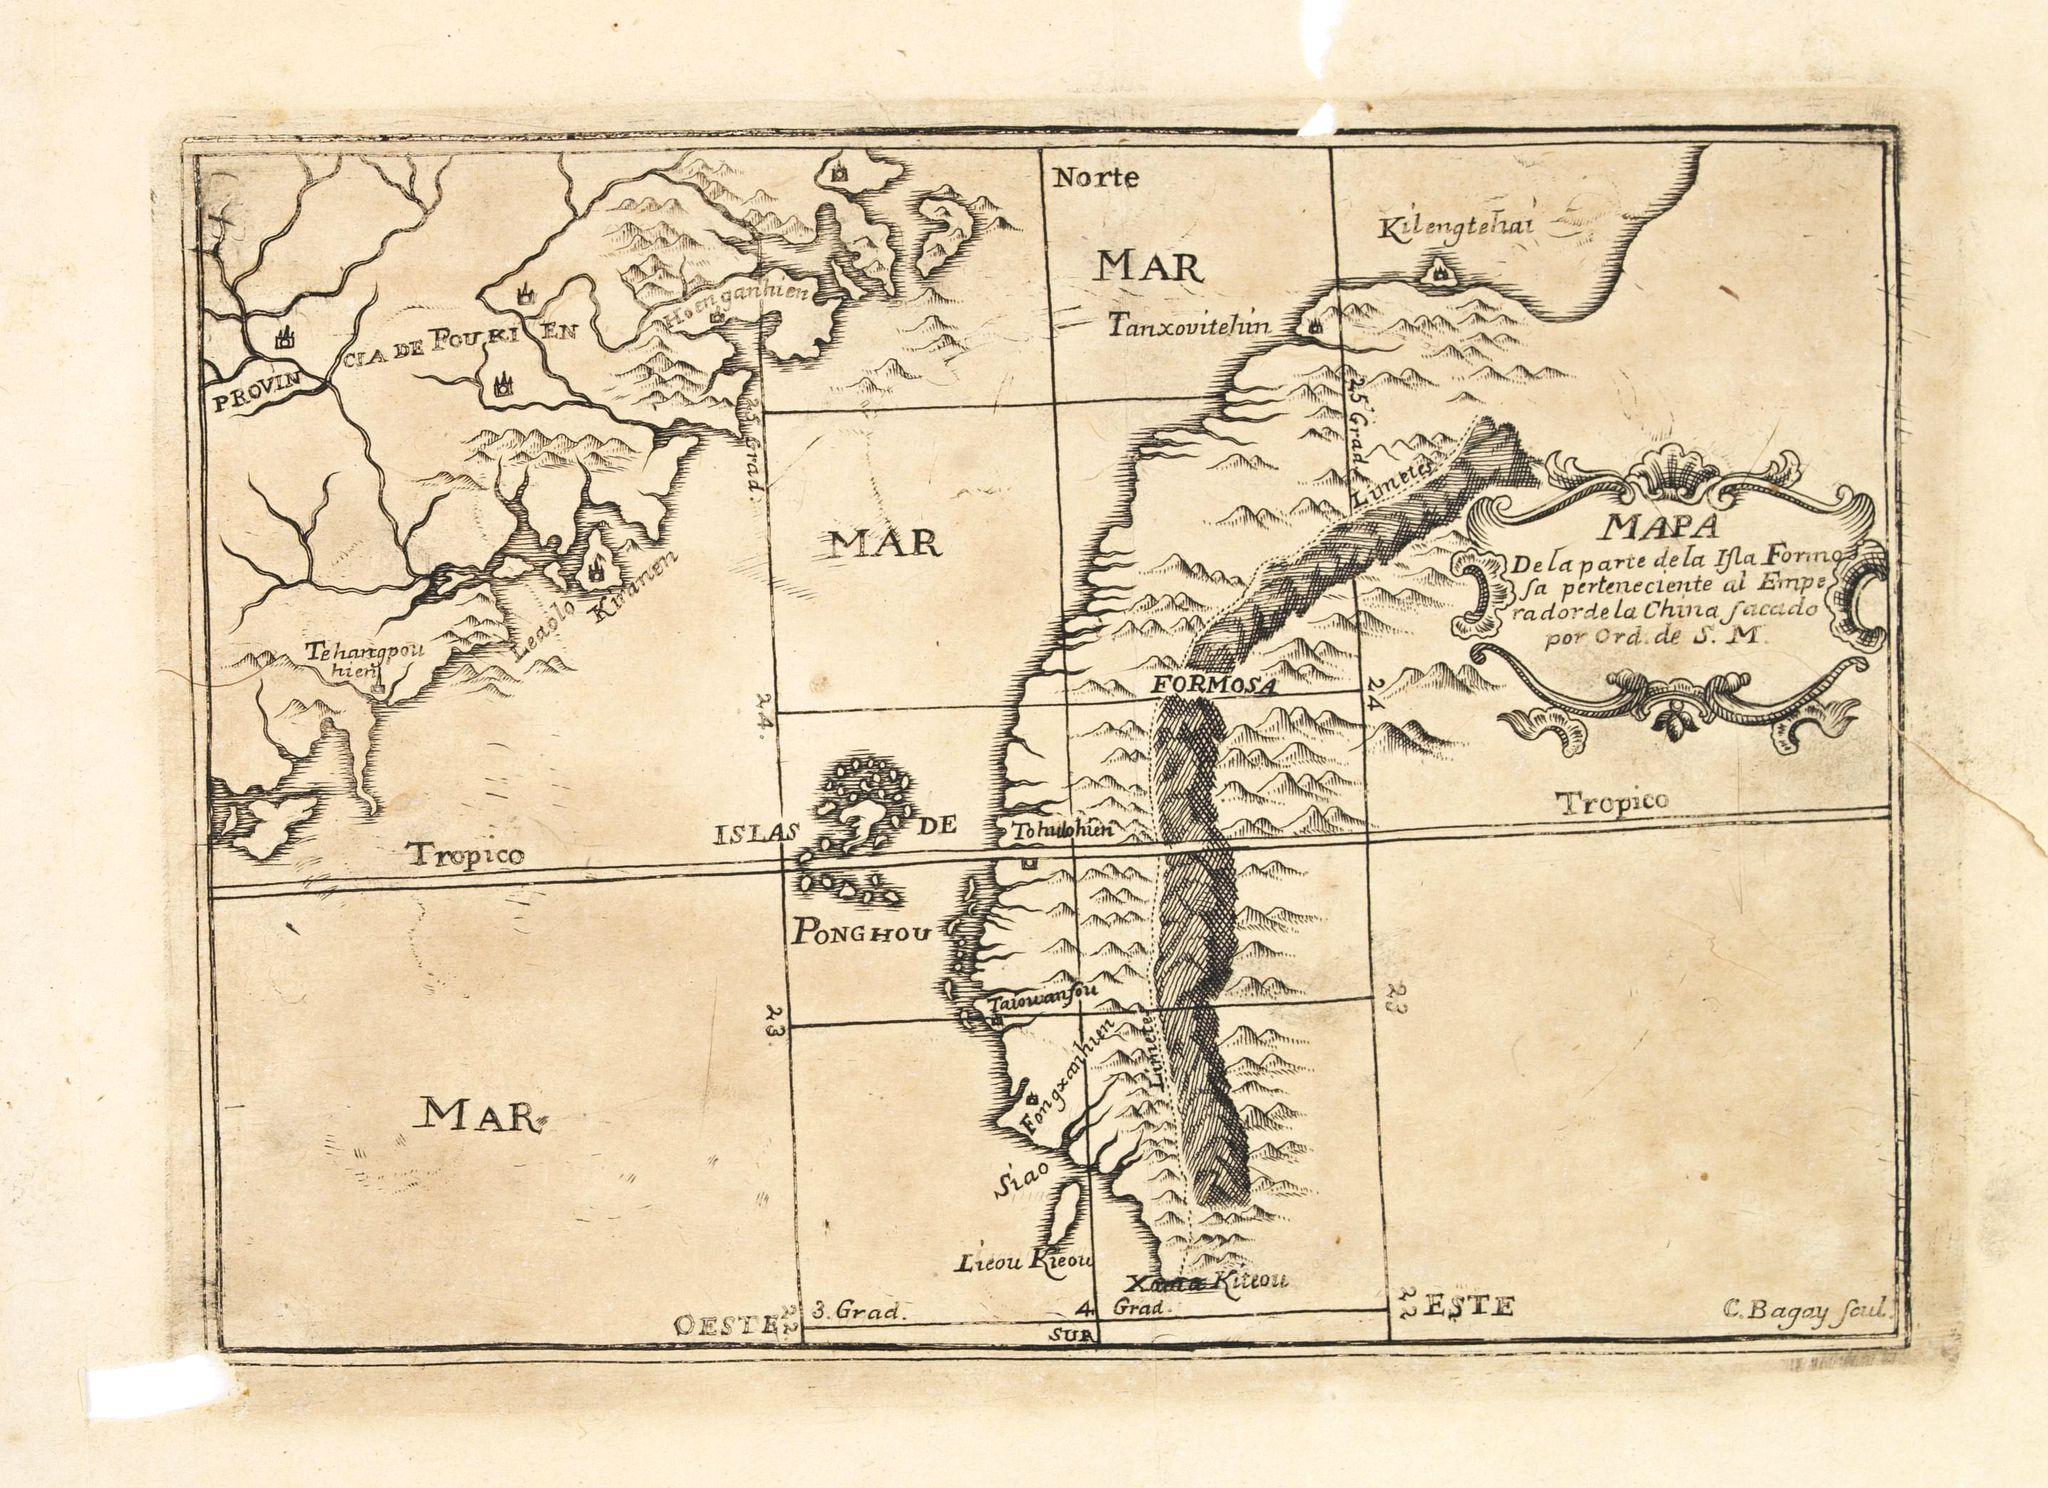 DE LA CONCEPTION, J. -  Mapa De la parte de la Isla Formosa sa perteneciente al Emperadotde la China sacado por Ord. De S.M.